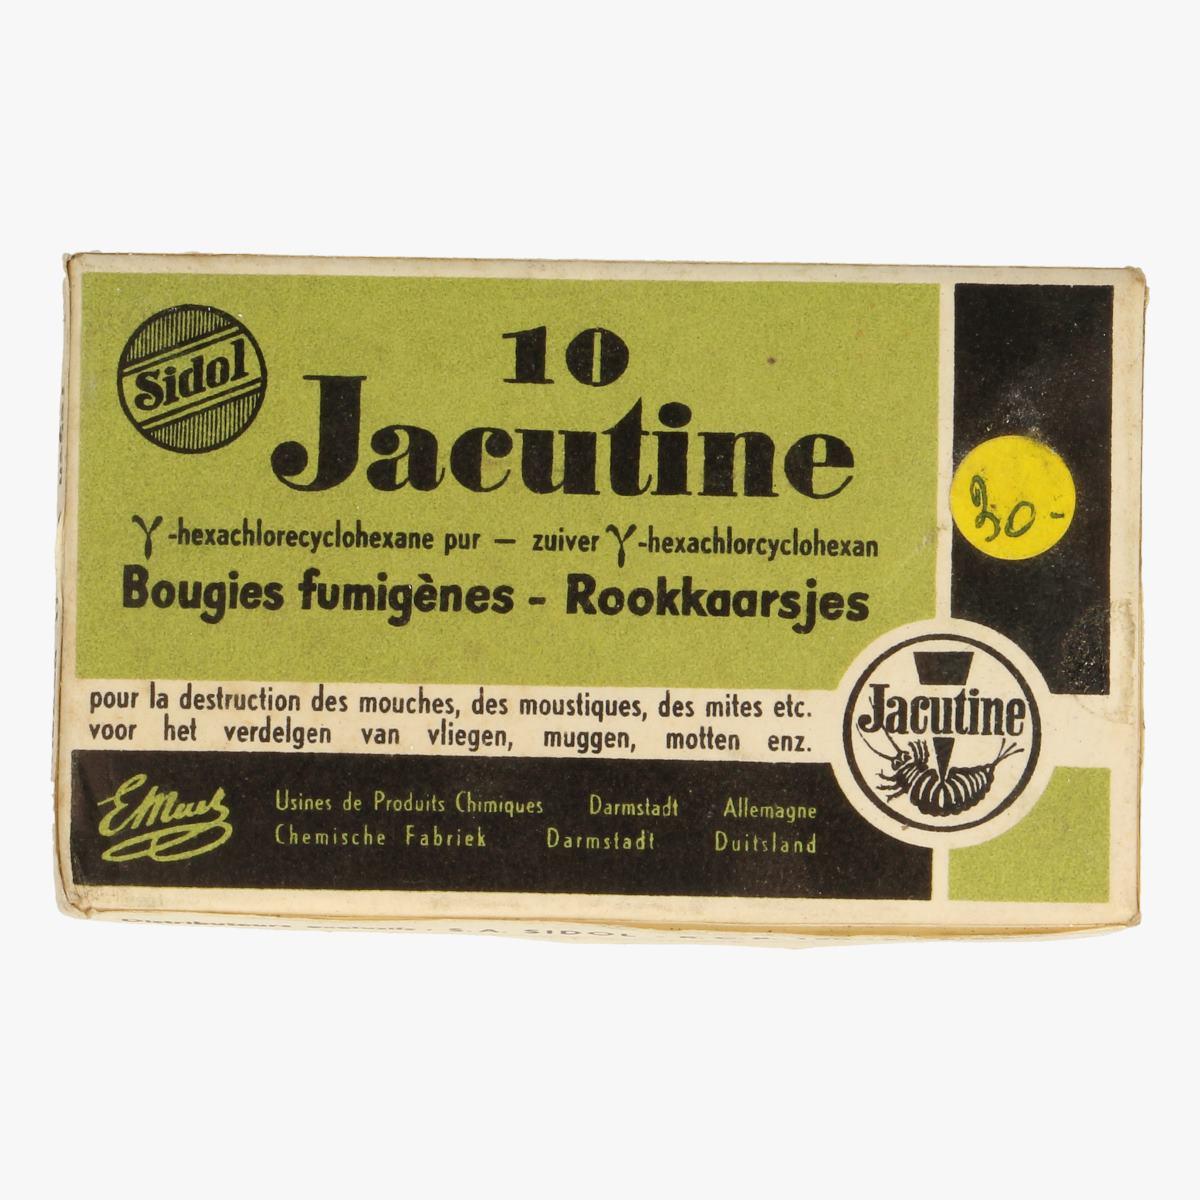 Afbeeldingen van 10 rookkaarsjes jacutine voor het verdelgen van vliegen muggen en motjes